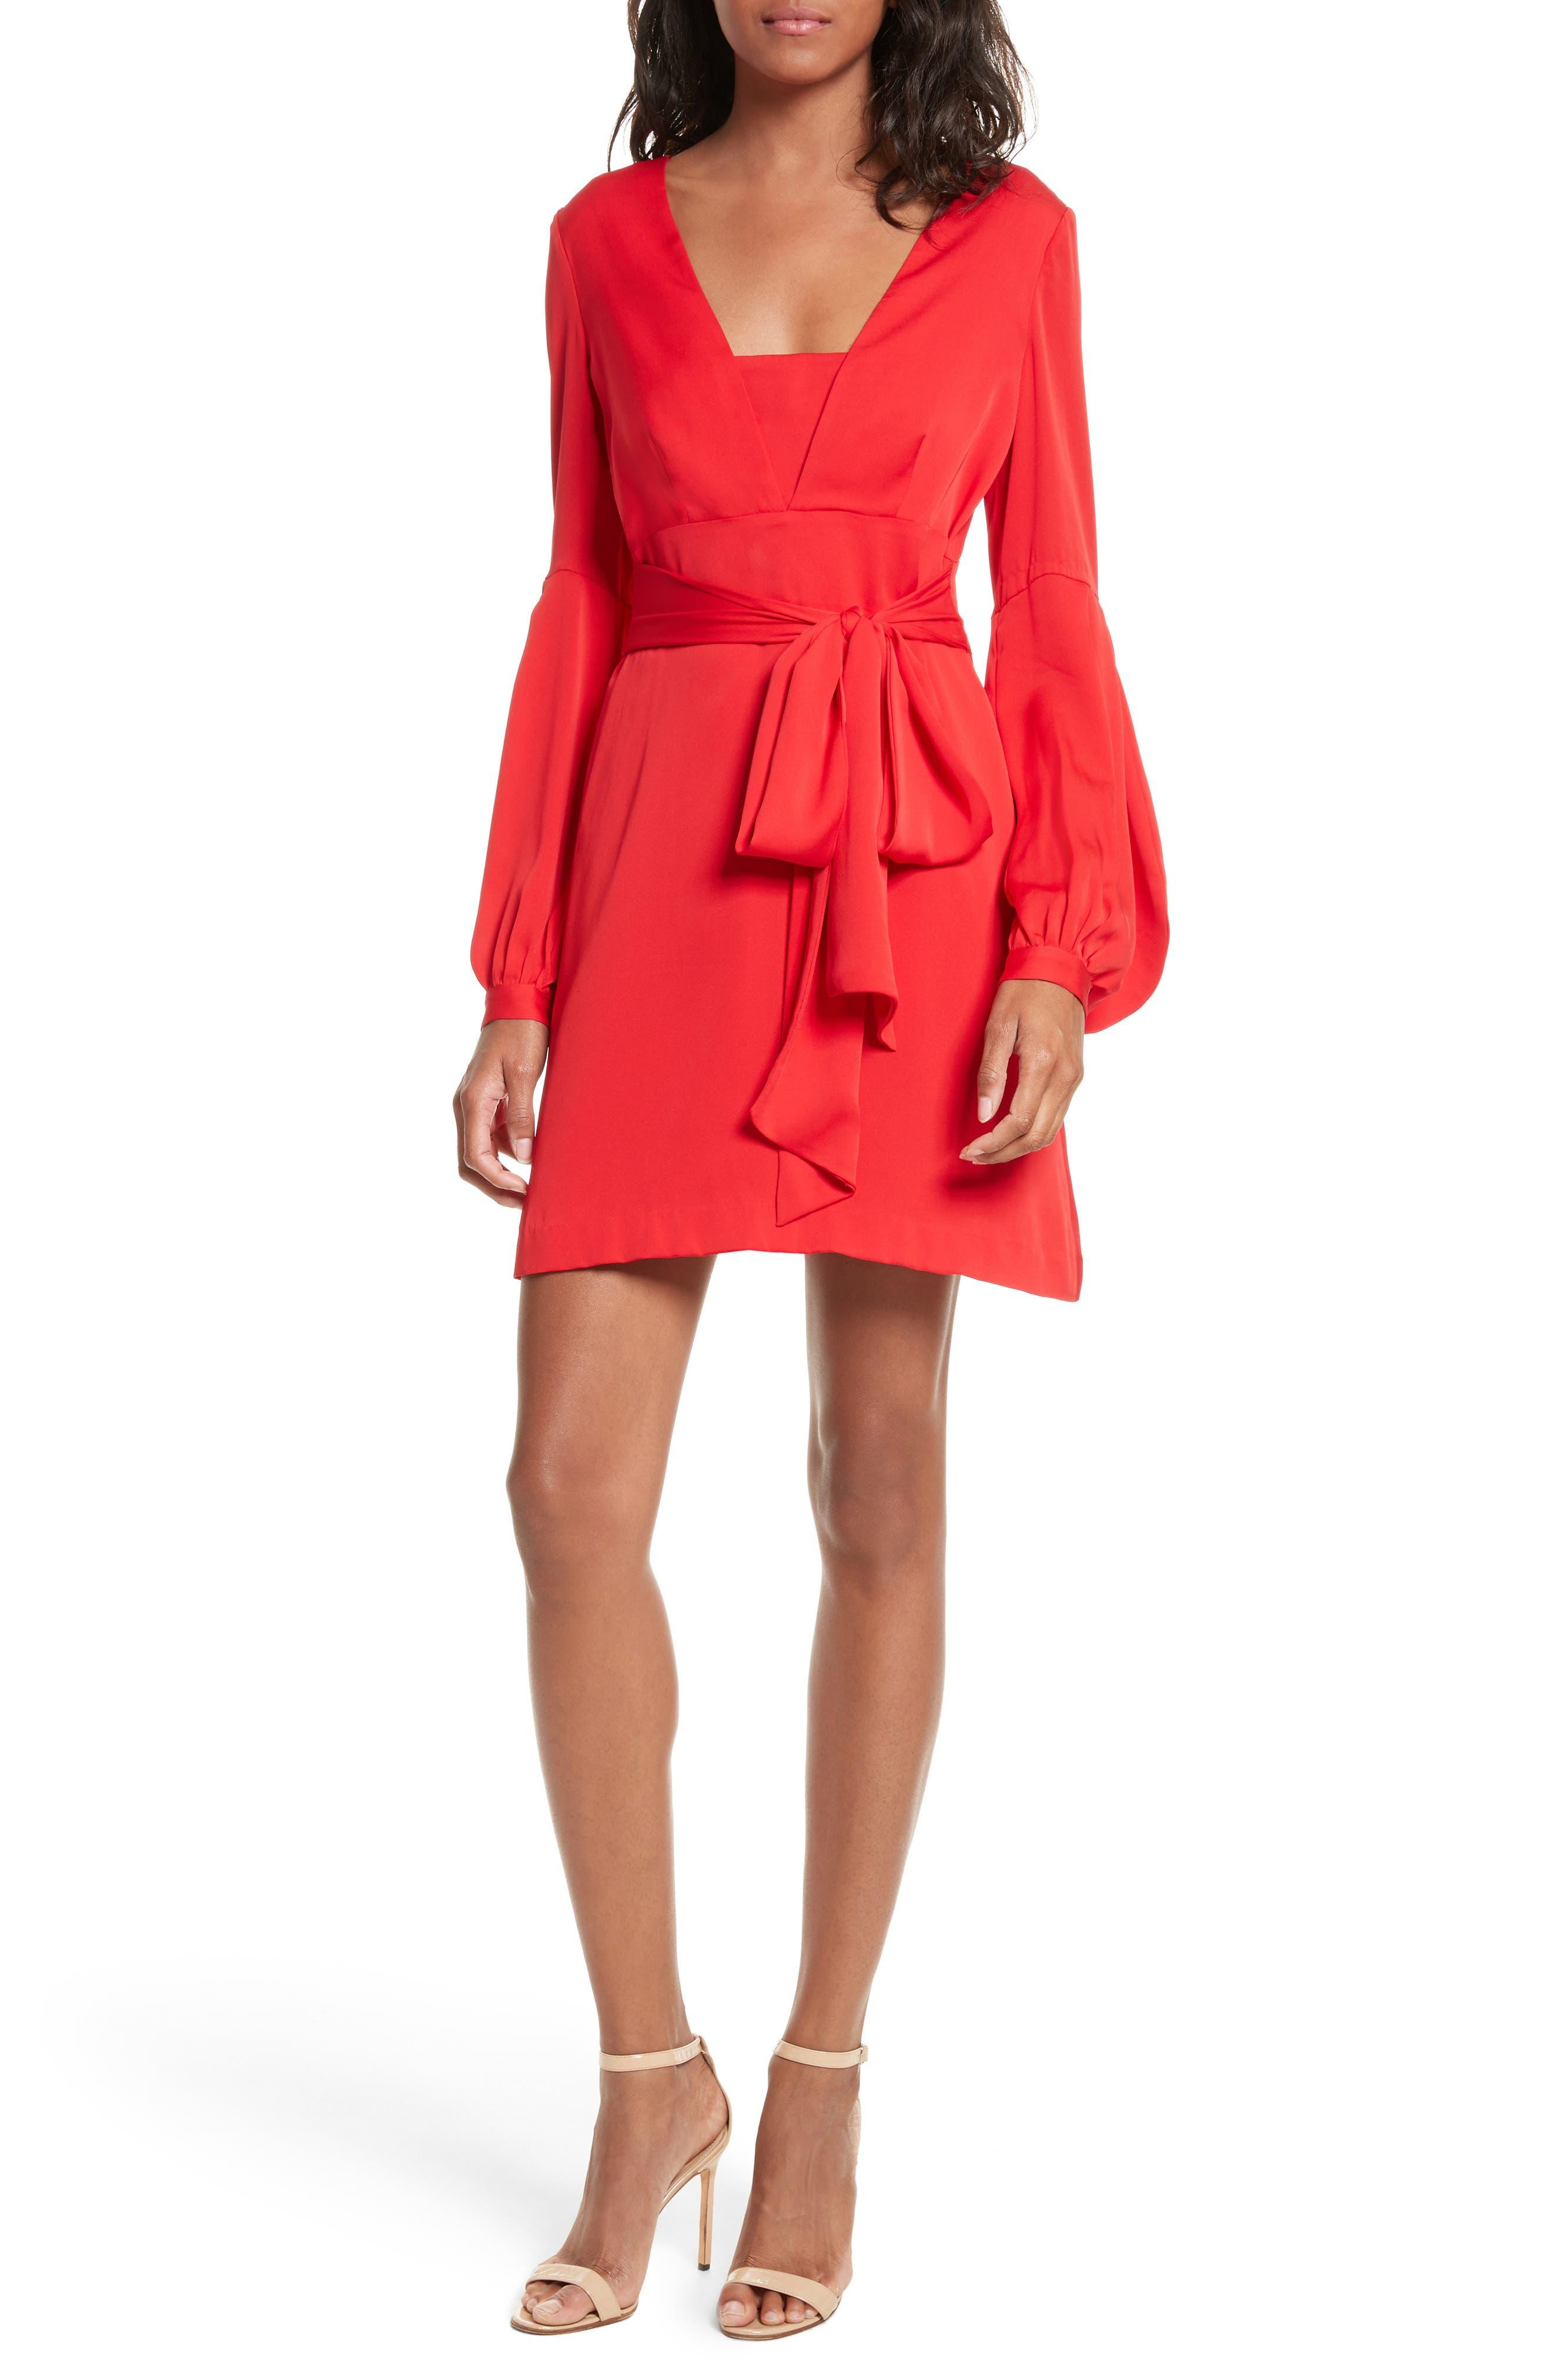 Alternate Image 1 Selected - Milly Kayla Deep V-Neck Stretch Silk Dress